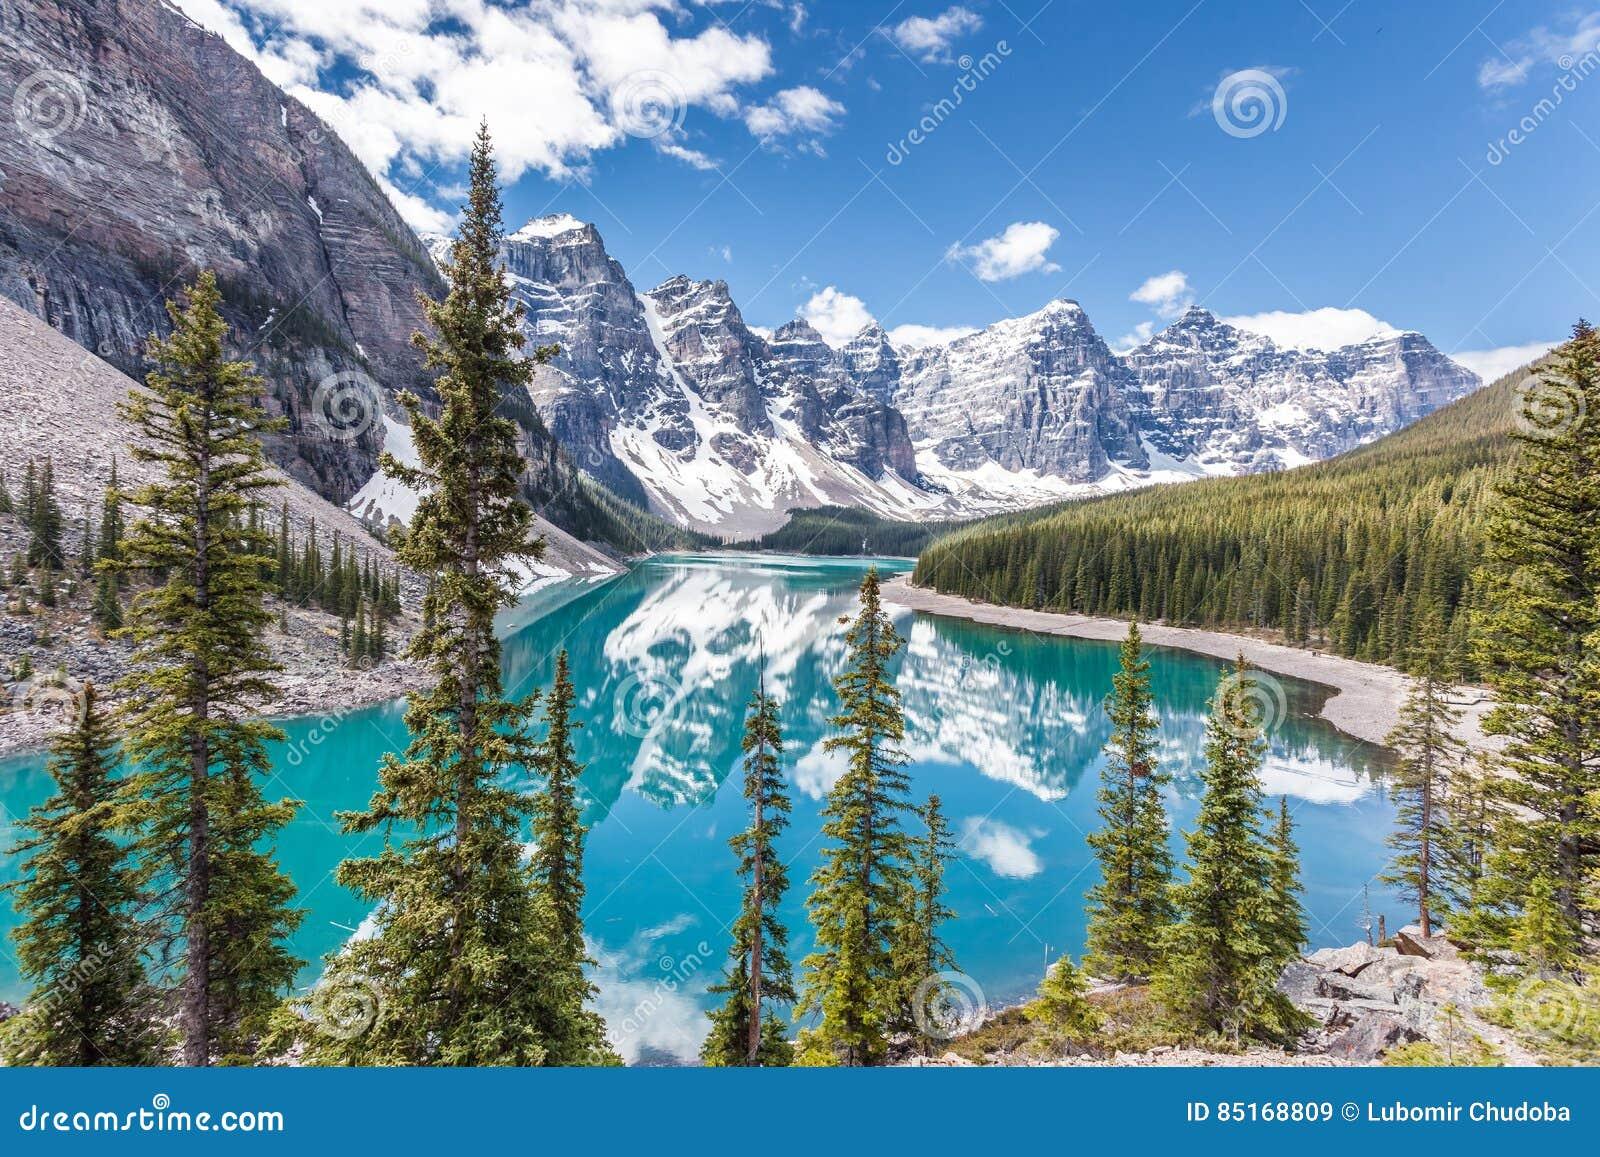 Lago moraine en el parque nacional de Banff, montañas rocosas canadienses, Canadá